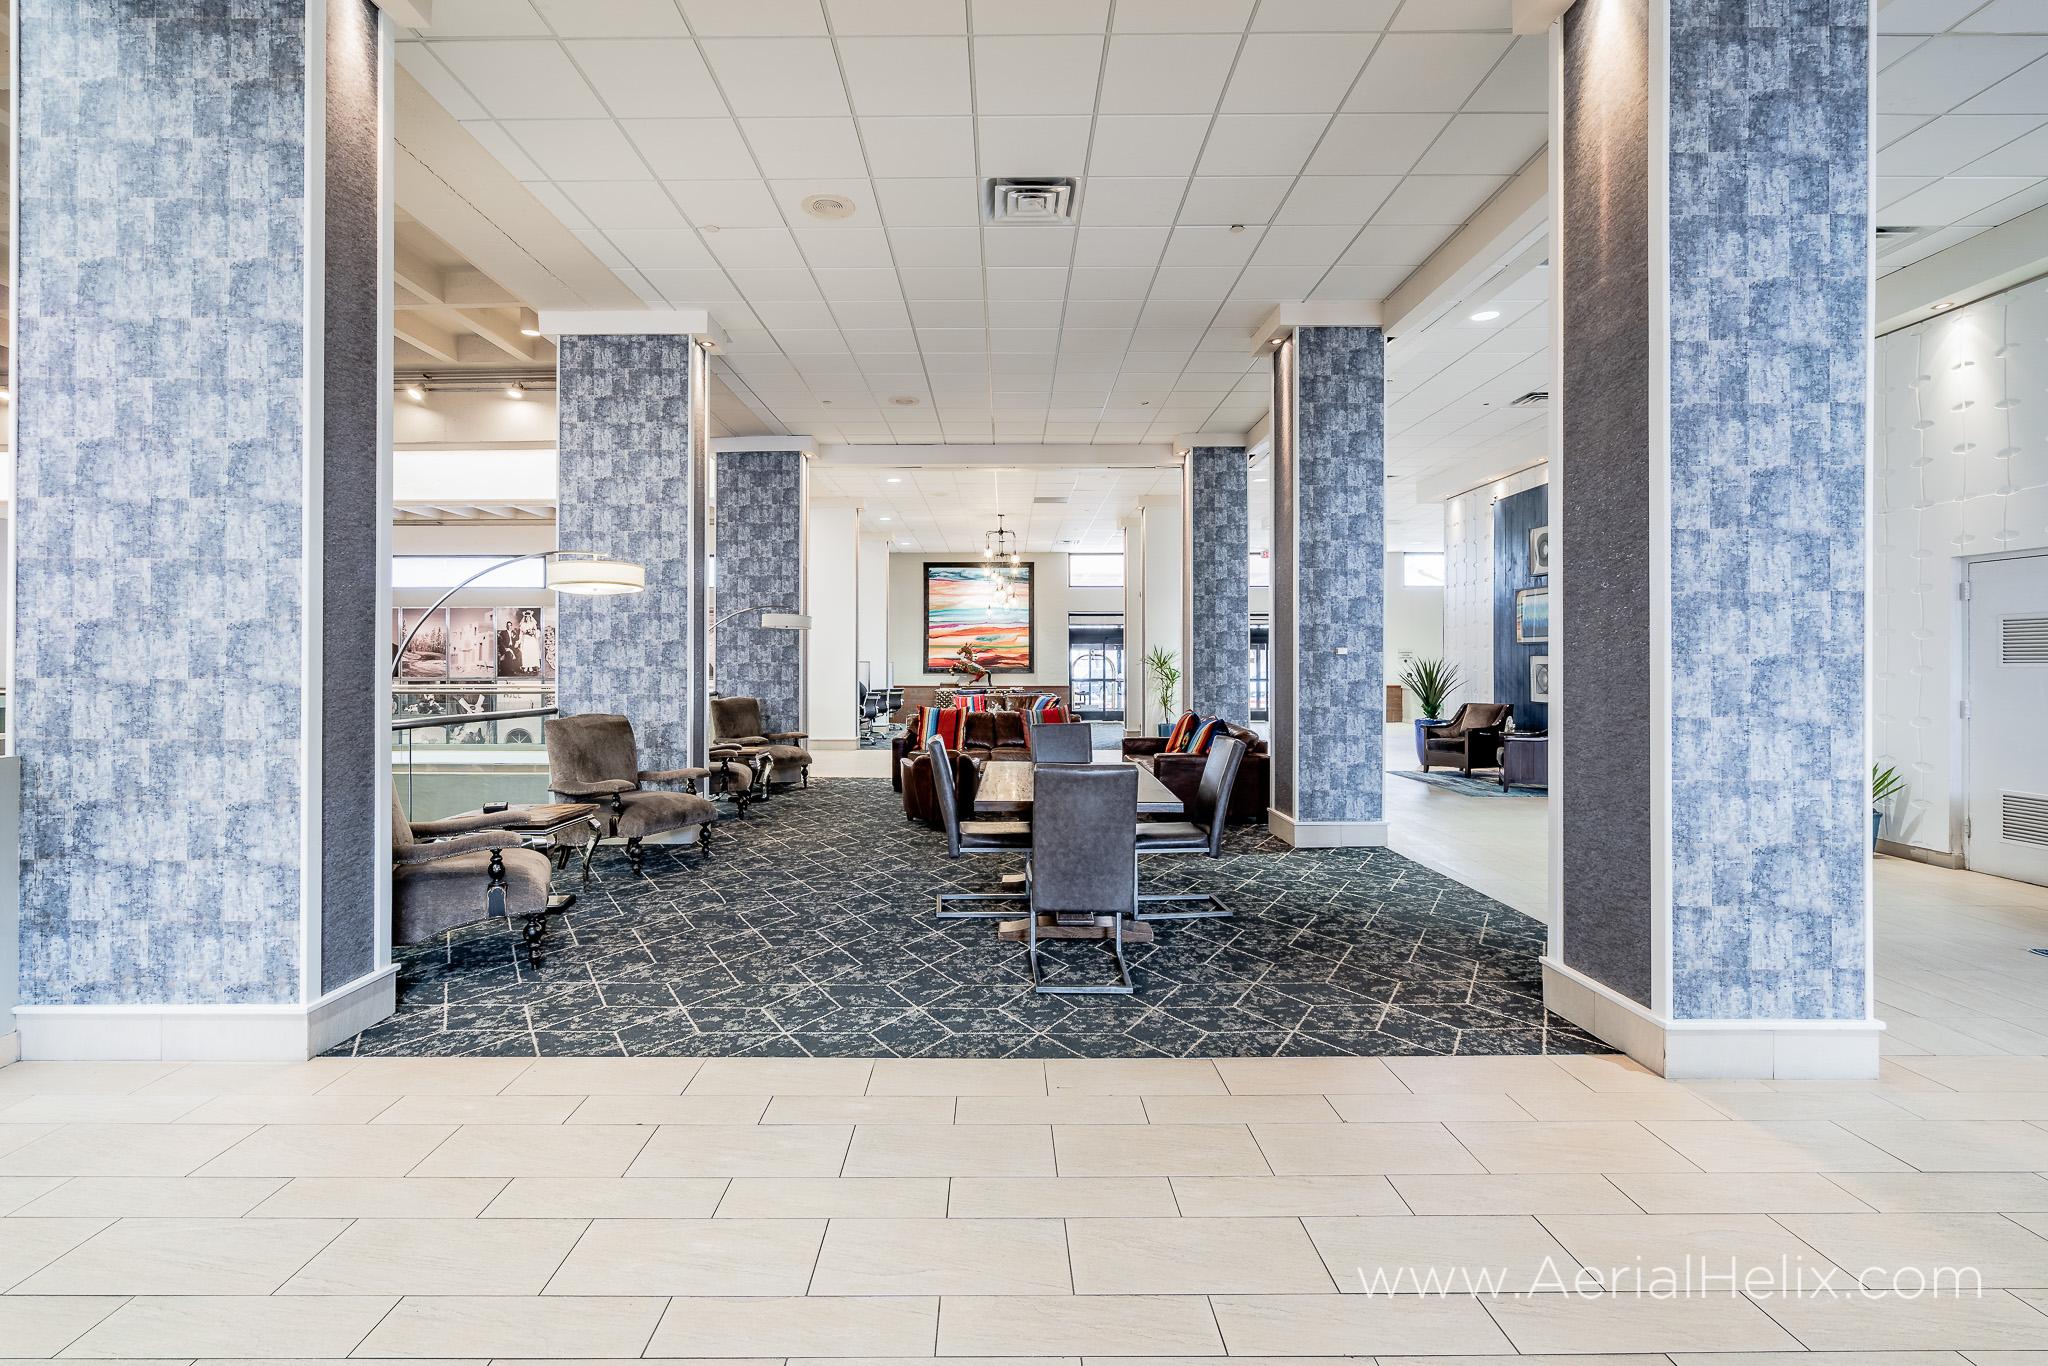 Hilton Doubletree Albuquerque small-155.jpg